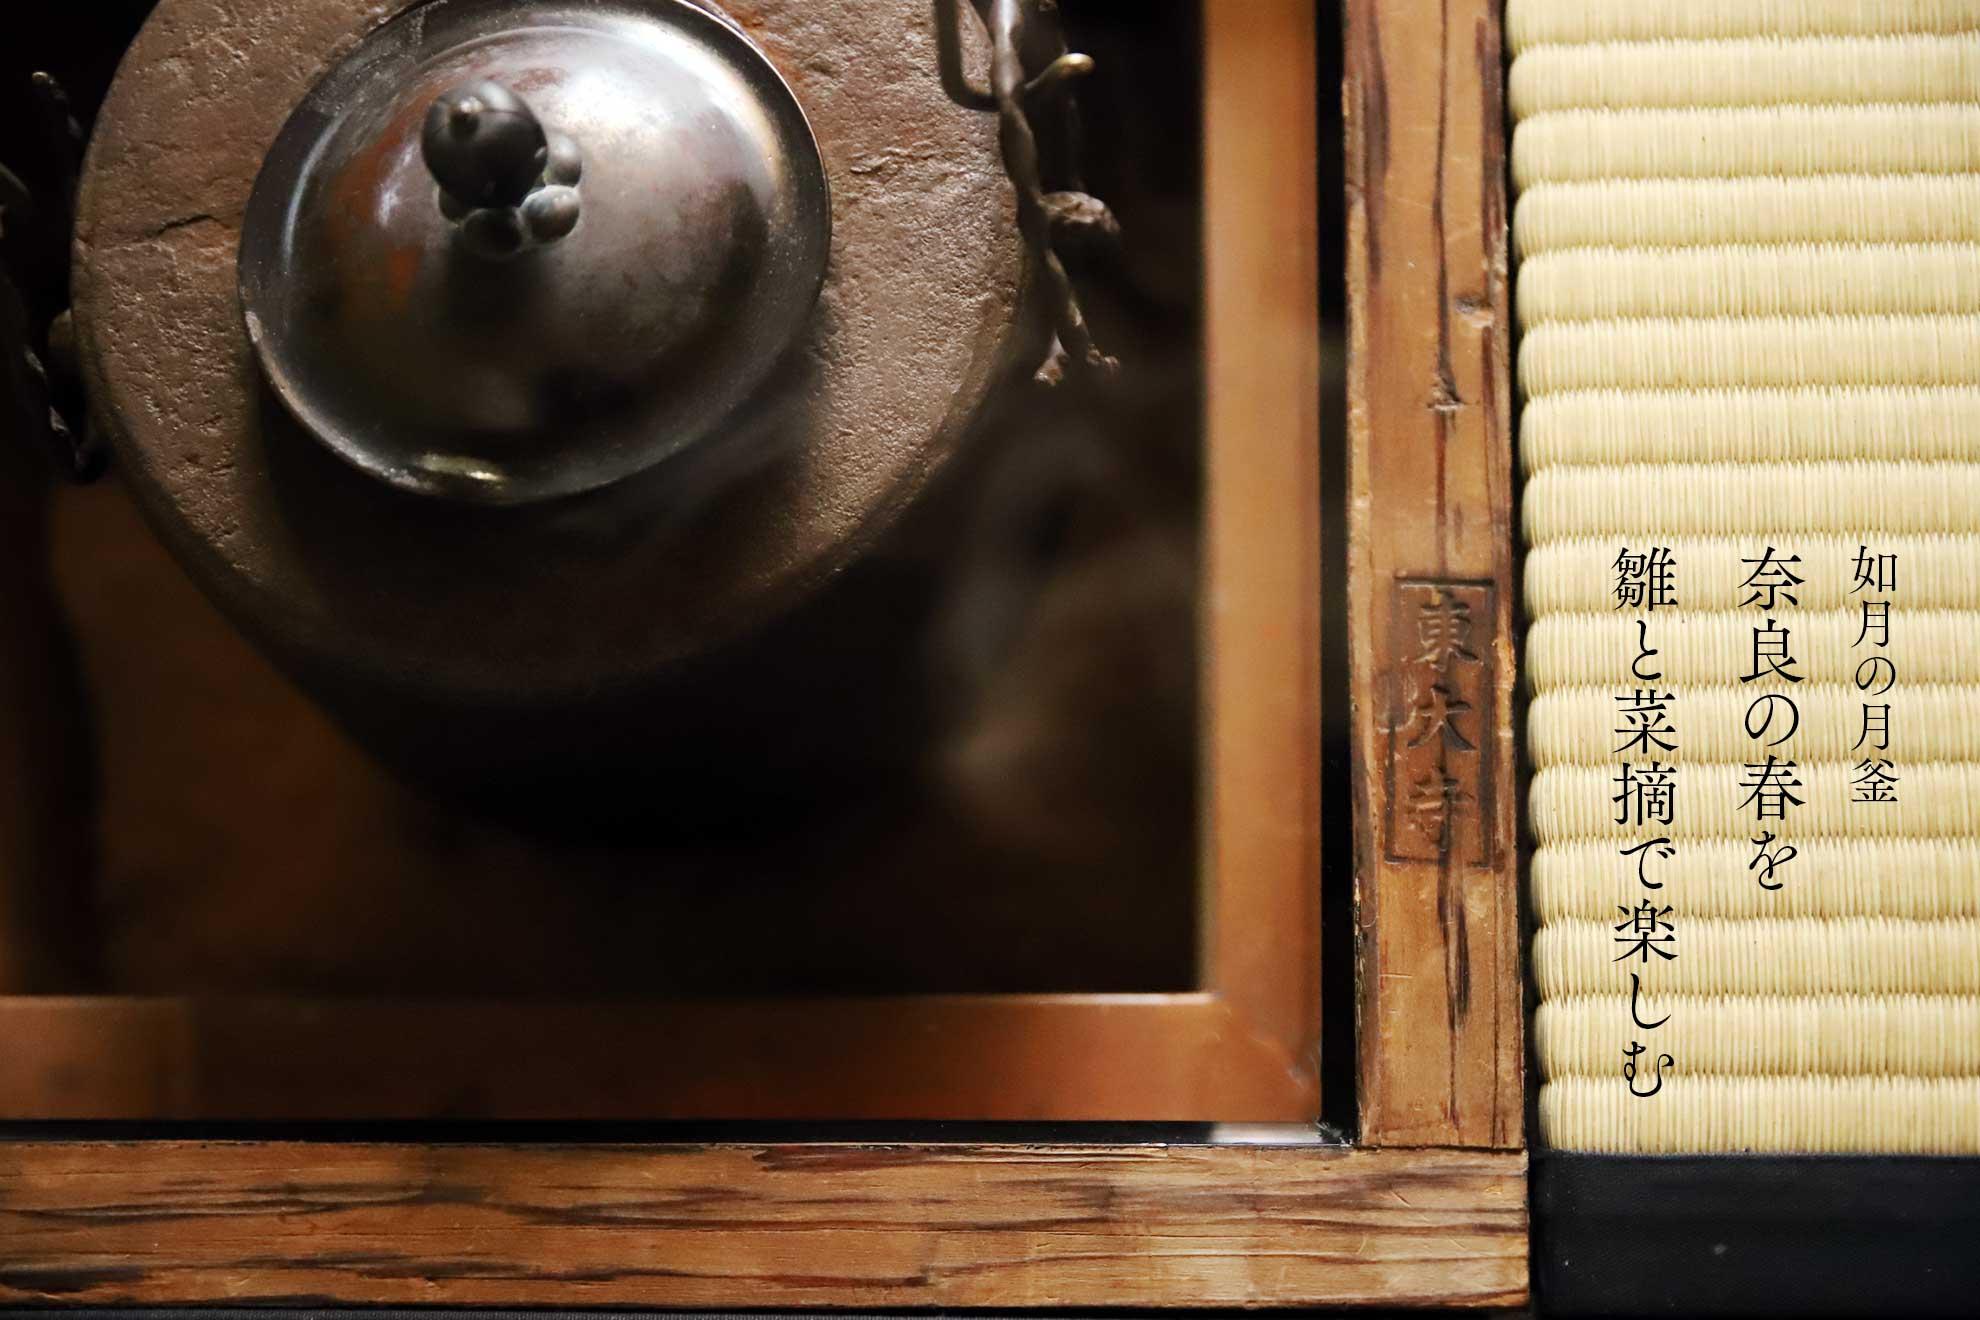 奈良 茶道 体験 nara 三五夜 さんごや 三五屋 茶会 茶室 隠れ家 にじり口 炭 炉 初釜 のりこぼし 南無観椿 中西与三郎 けご 散華 黄身餡 お水取り 修二会 ひな祭り 桃の節句 釣釜 浄益 筒釜 東大寺 近江八景 三井寺の梵鐘 一刀彫り お内裏様 お雛様 三人官女 右大臣 左大臣 右近の橘 左近の桜 犬函